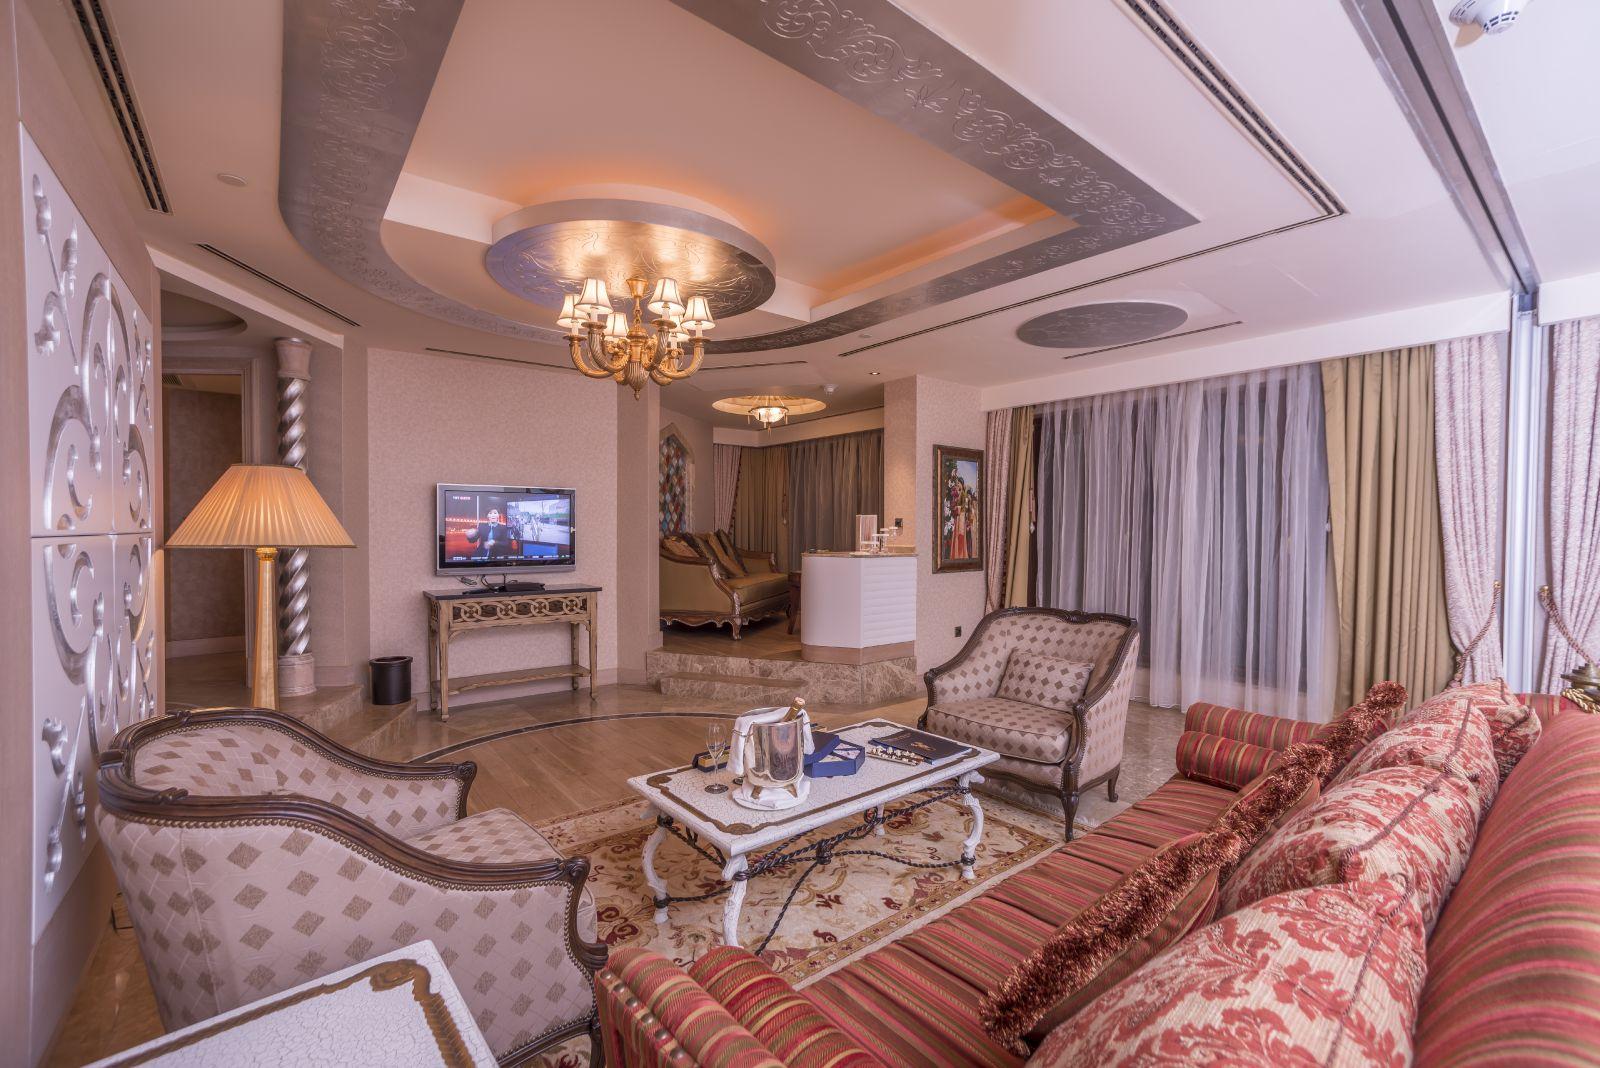 ускорения мордан отель турция фото измерения